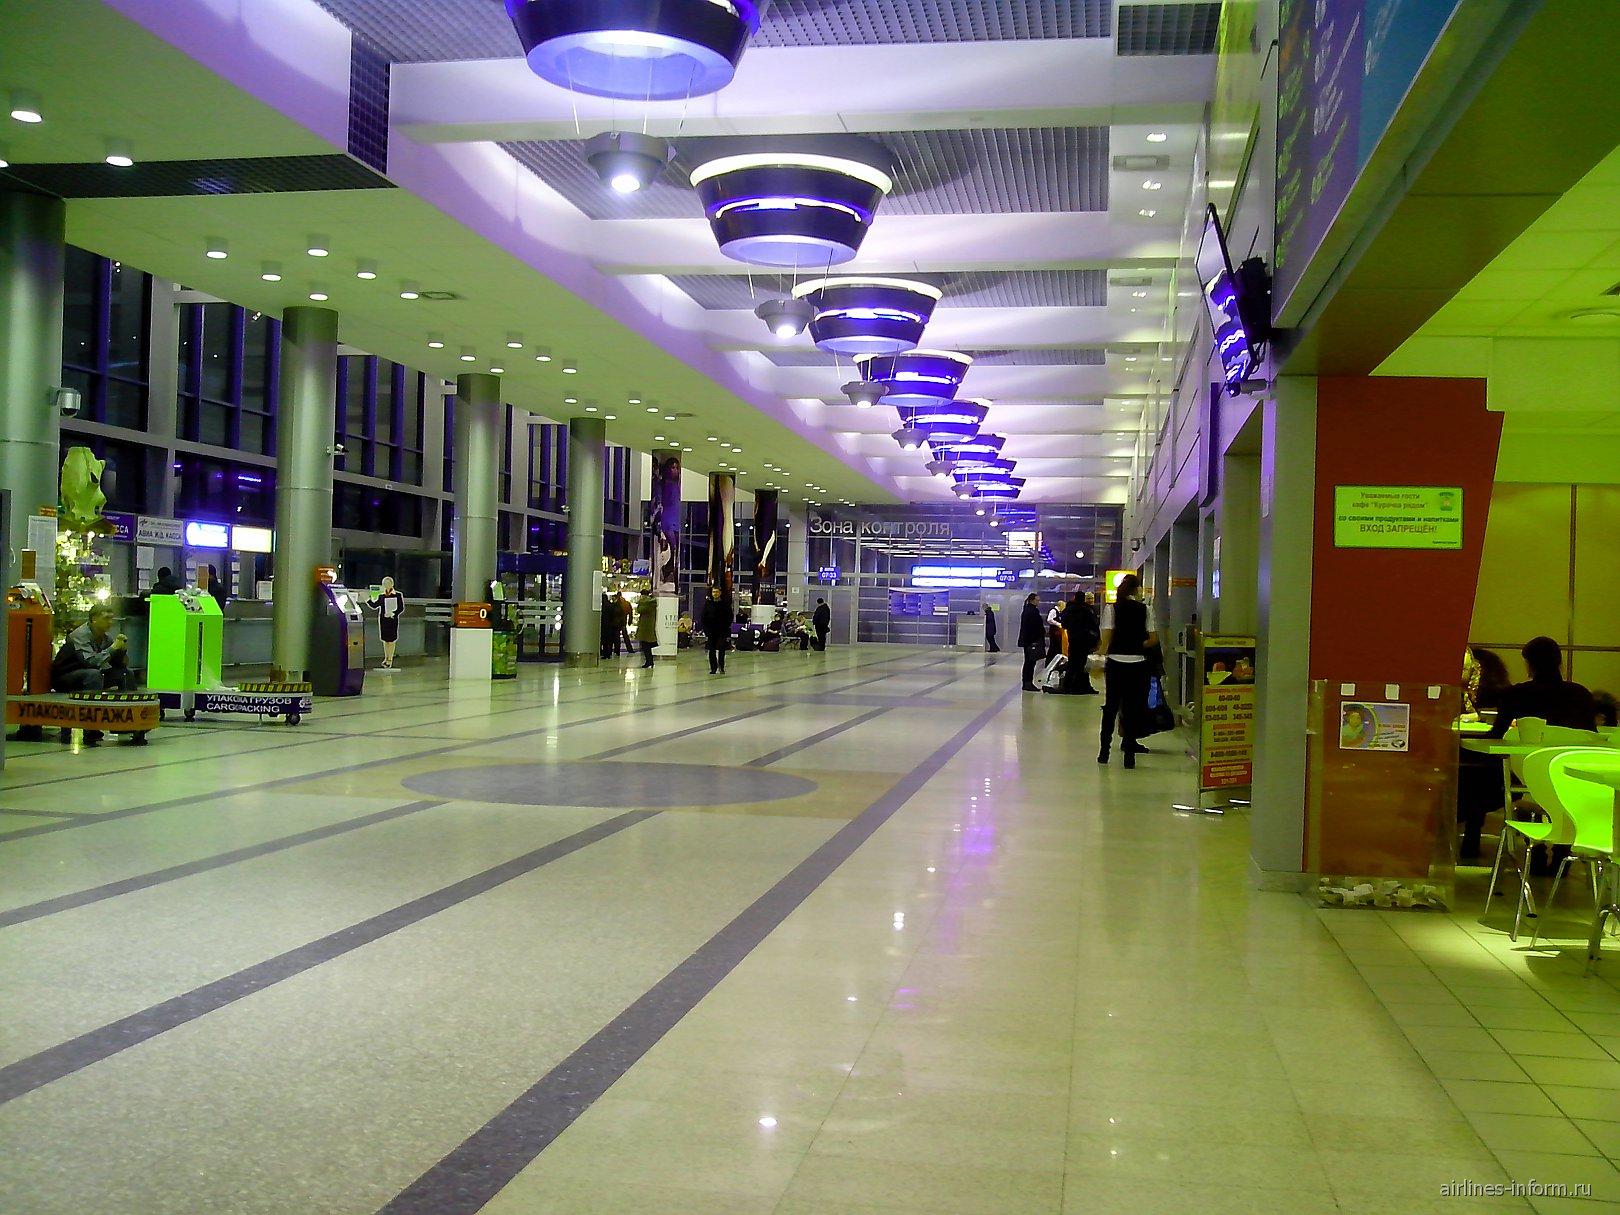 Первый этаж здания аэровокзала аэропорта Омск